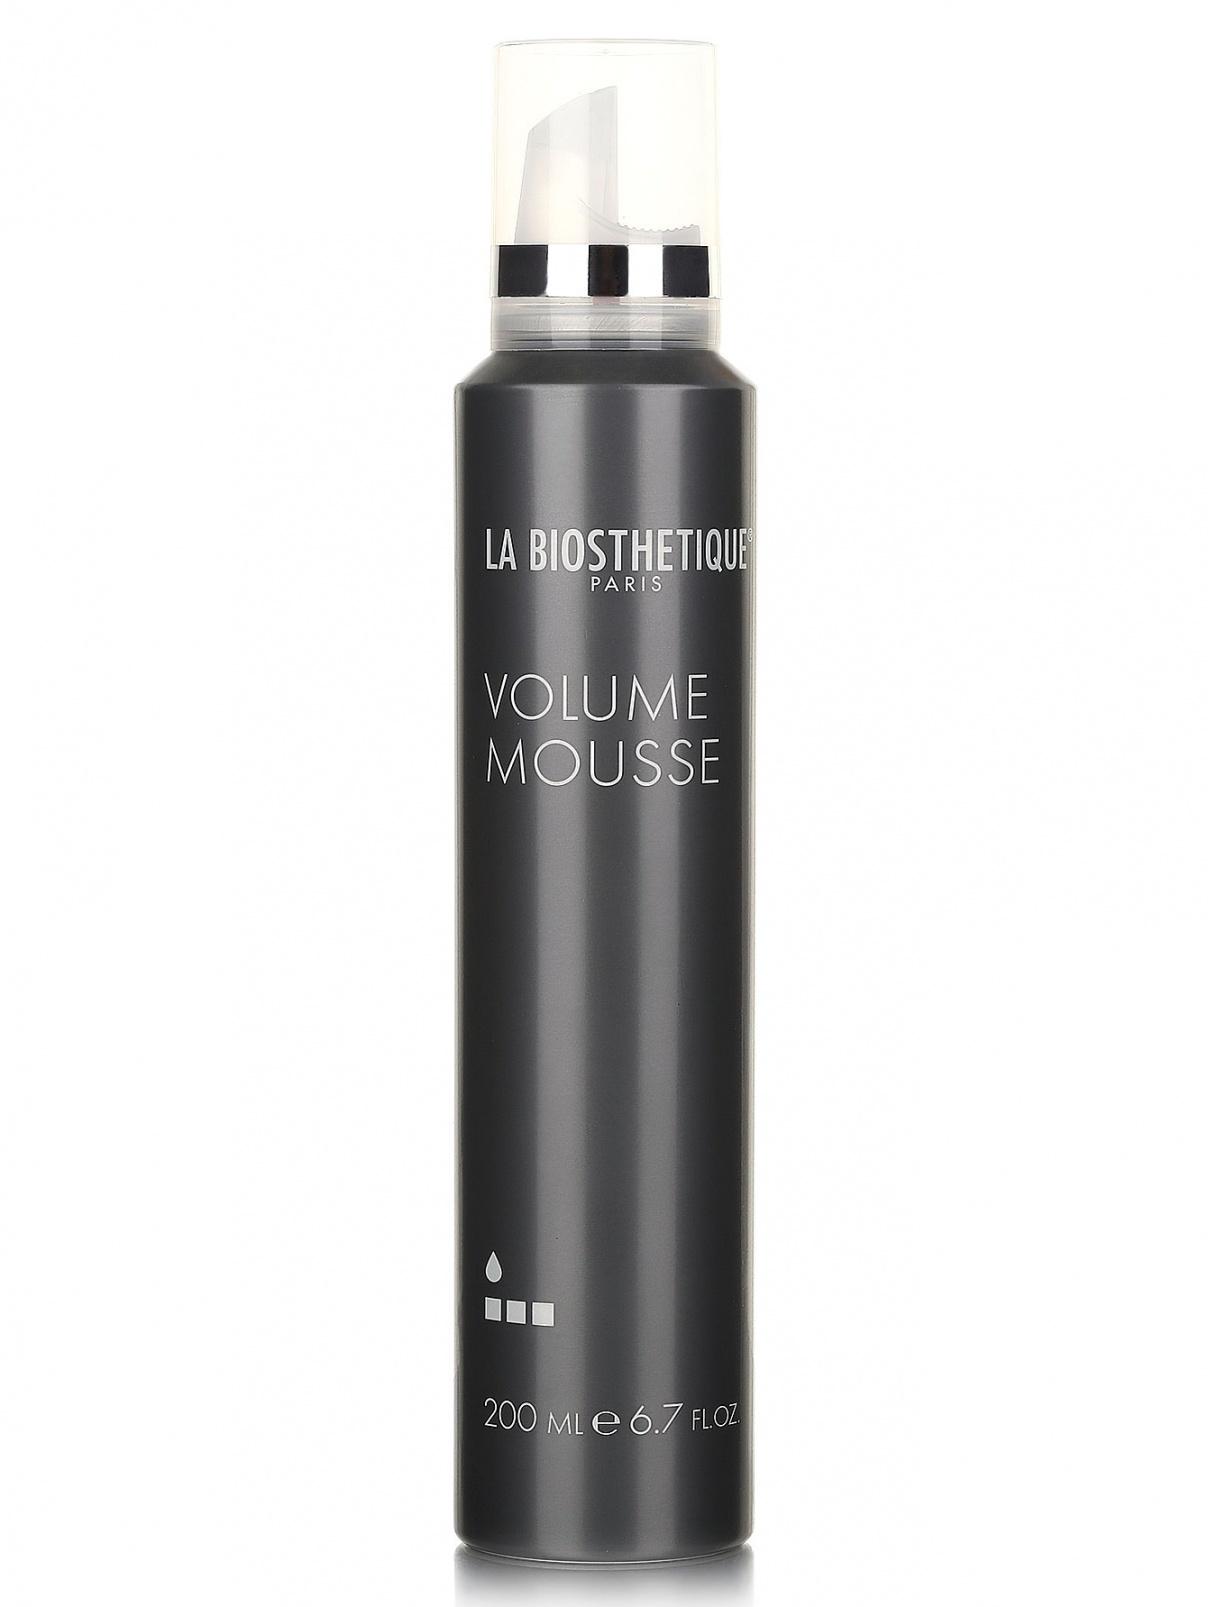 Мусс Volume - Hair Care, 200ml La Biosthetique  –  Общий вид